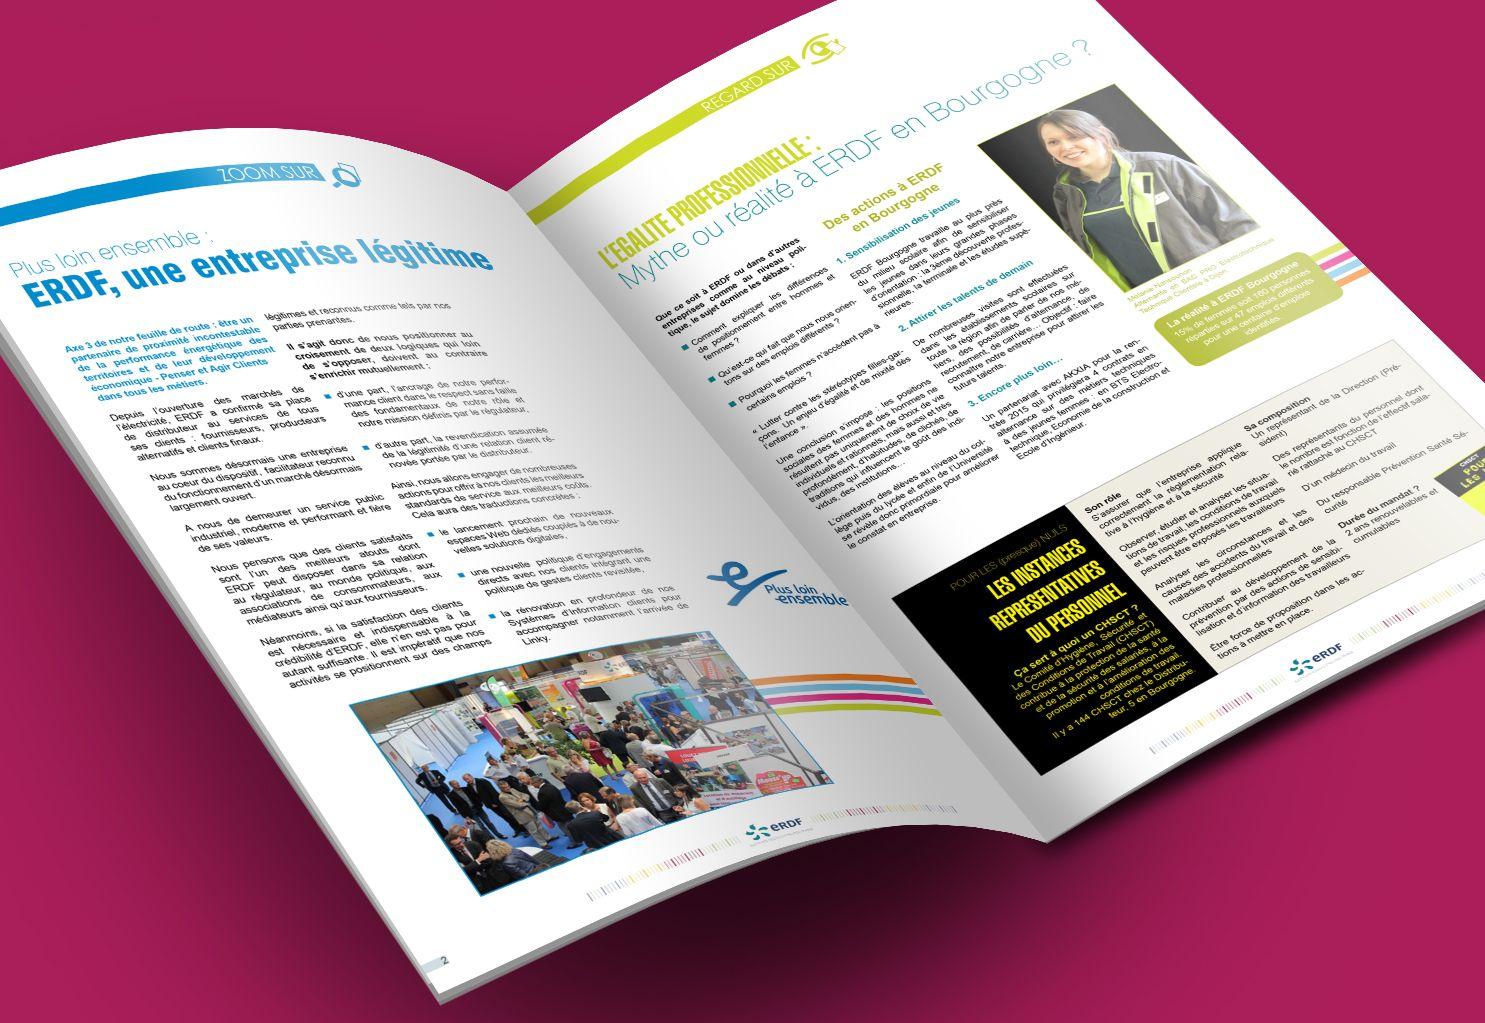 Journal interne ERDF par La Griffe, Agence de communication, design et web à Dijon